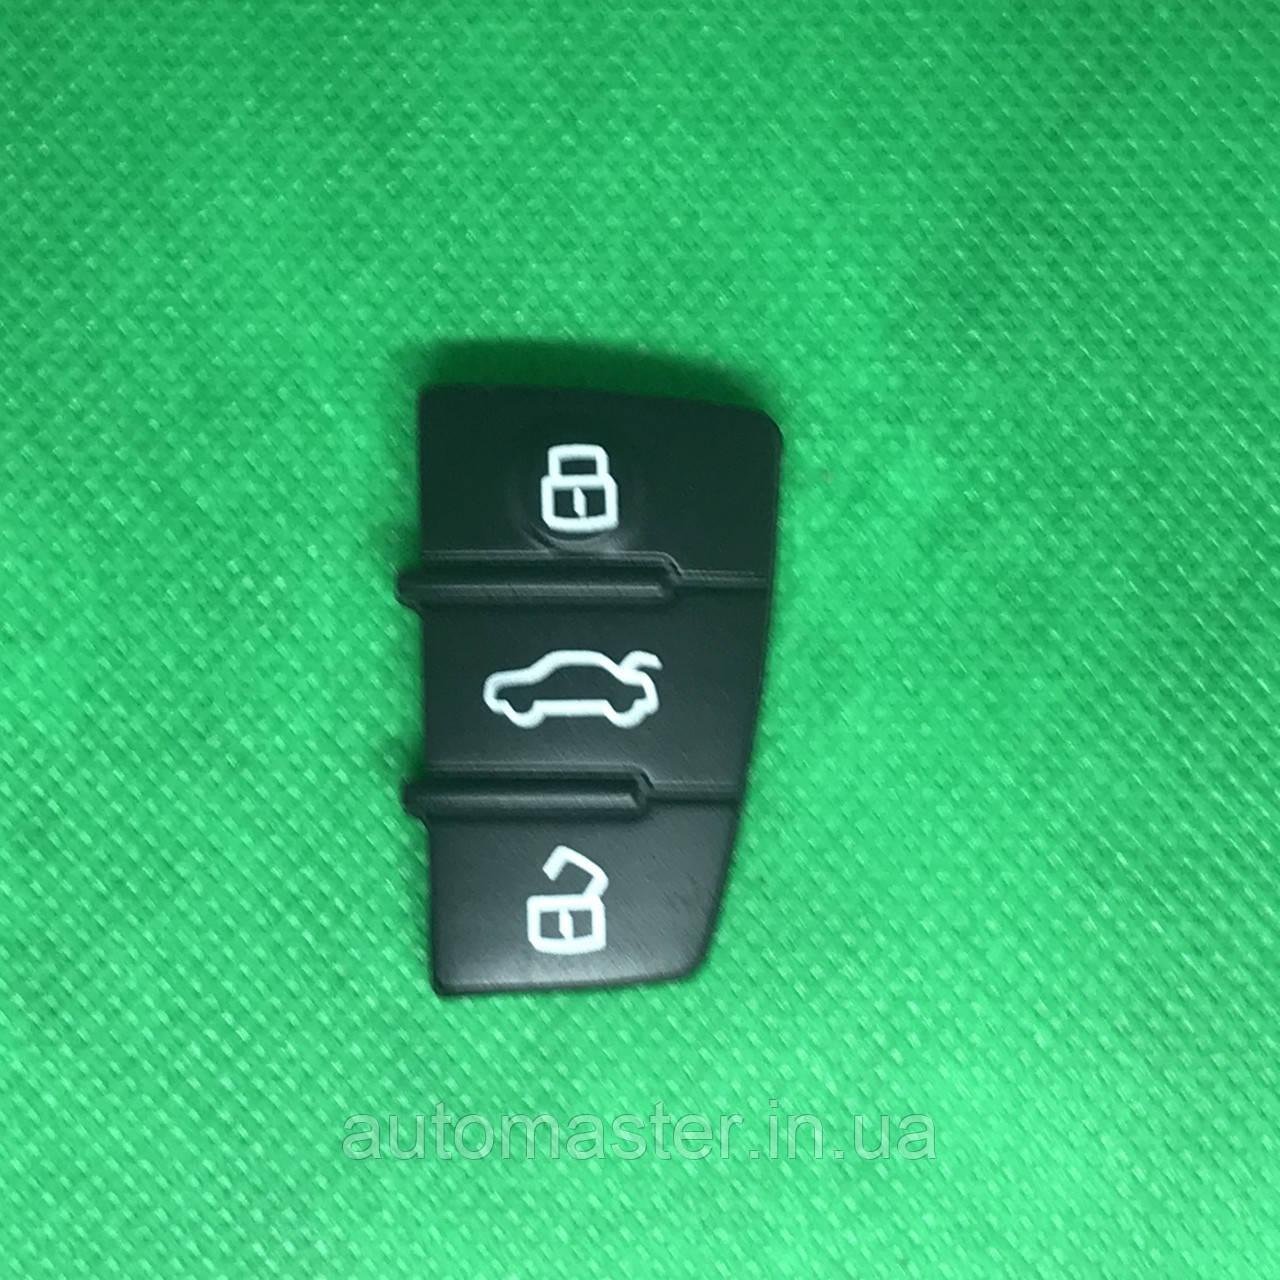 Кнопки выкидного авто ключа для Audi А1, А3, А4, А6, Q7 (Ауди А1, А3, А4, А6, Q7) 3 кнопки